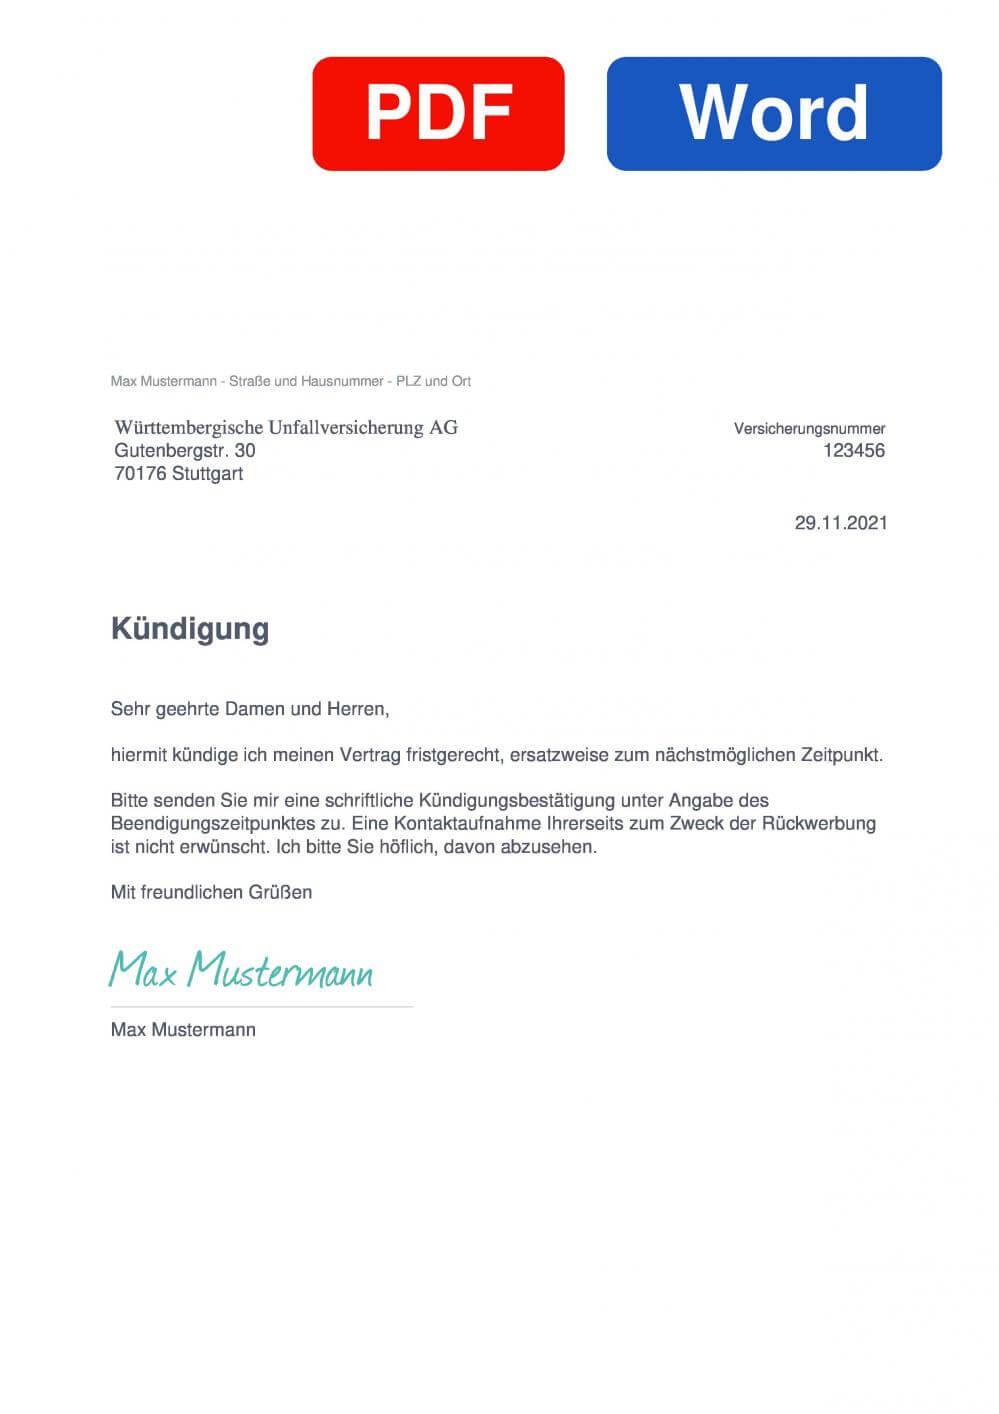 Württembergische Unfallversicherung Muster Vorlage für Kündigungsschreiben